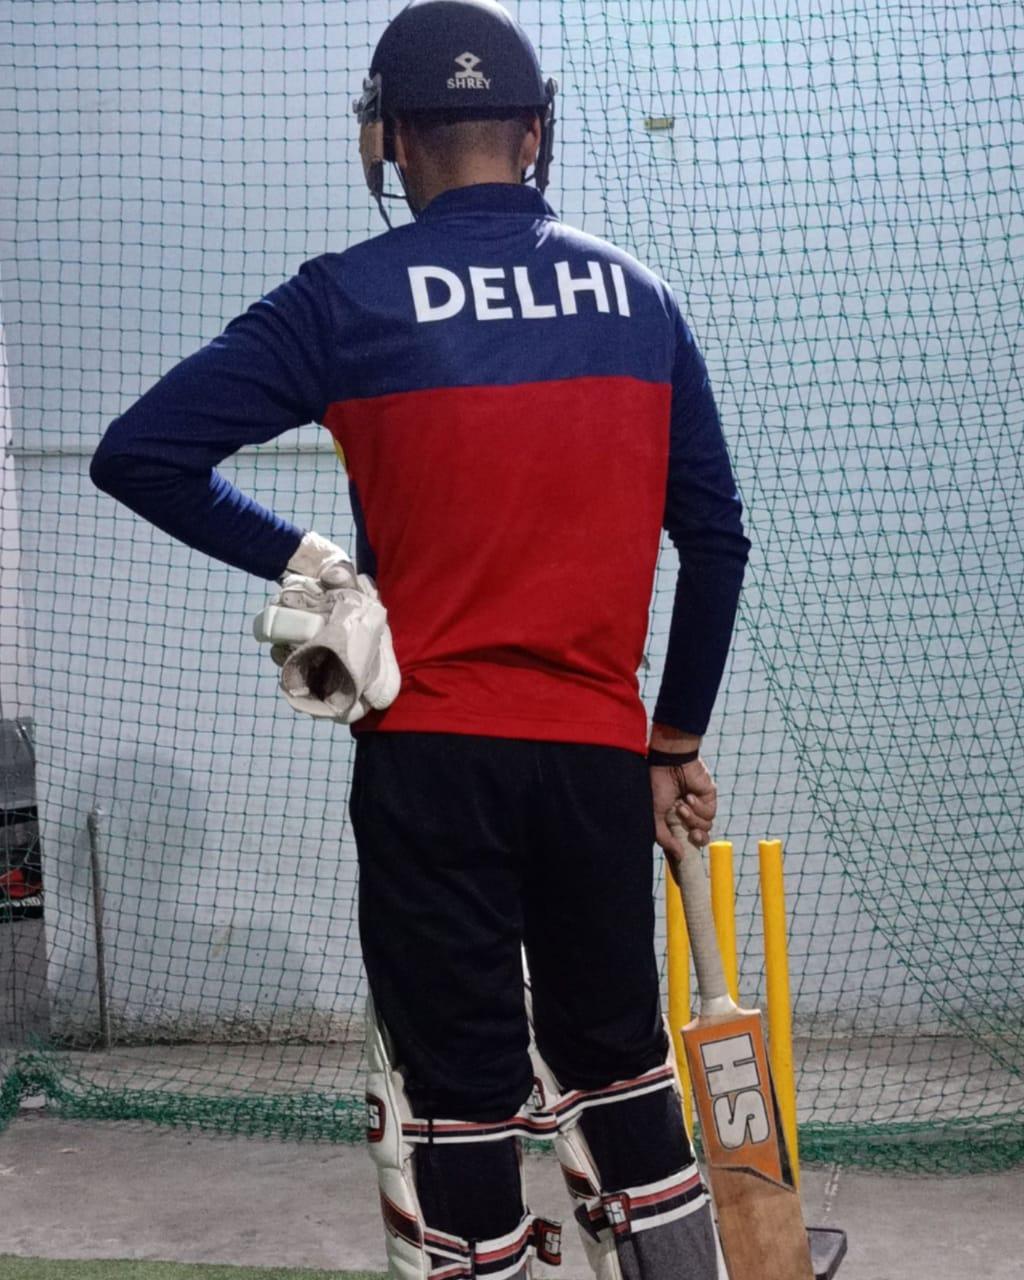 दिल्ली के Moksh Murgai ने अपने खेल से अपना ...